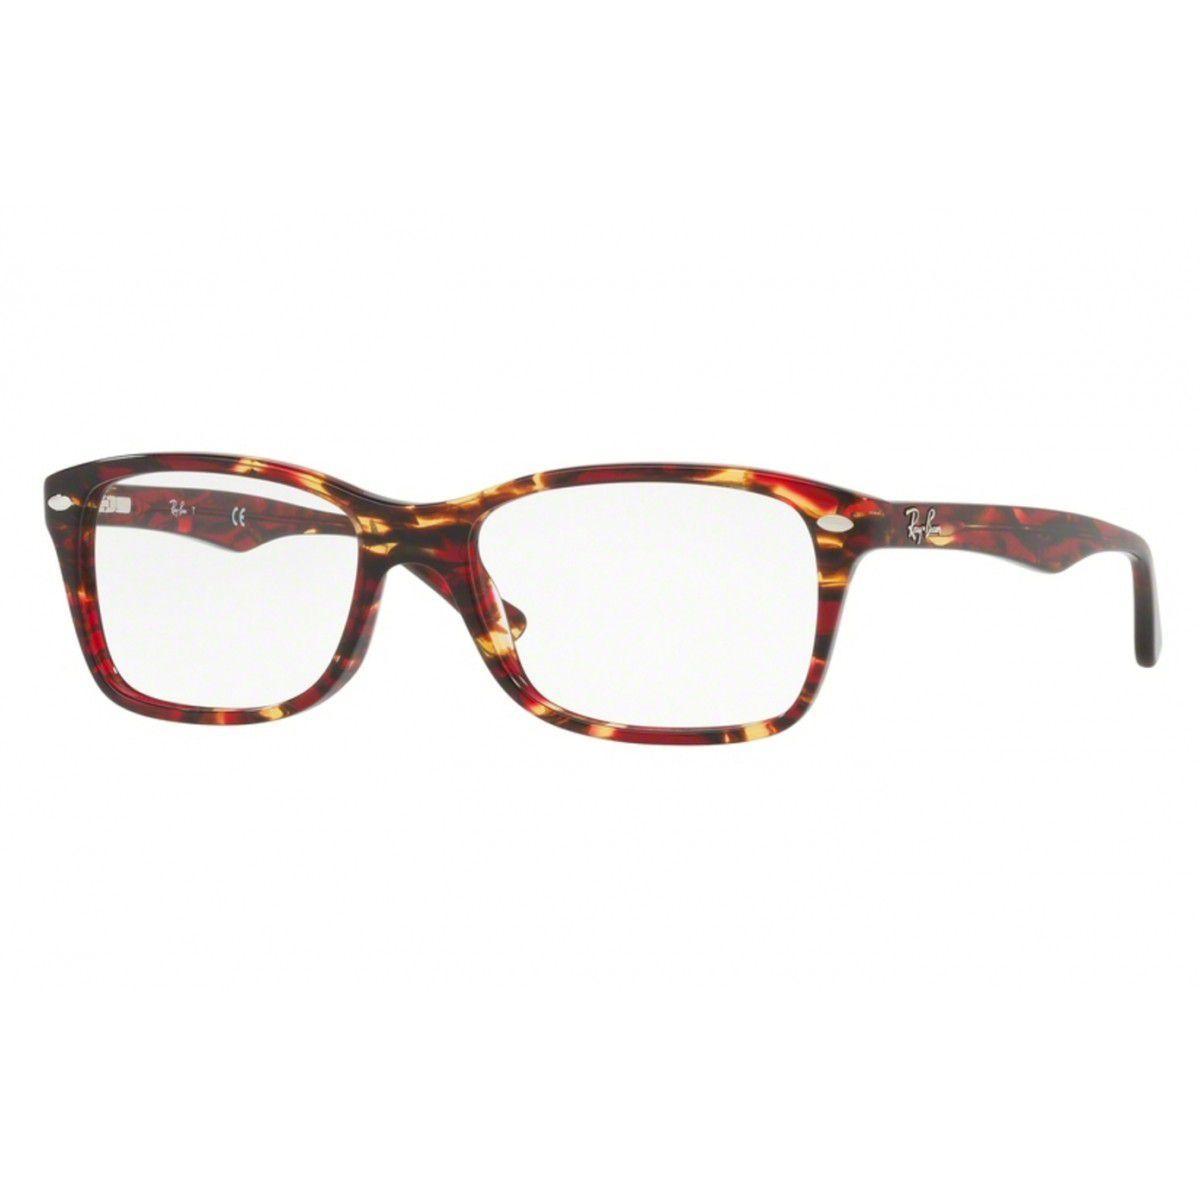 Óculos de Grau Ray Ban Wayfarer RB5228 5710 Tam.53 - Ray ban original R   489,00 à vista. Adicionar à sacola 086b6a1a31